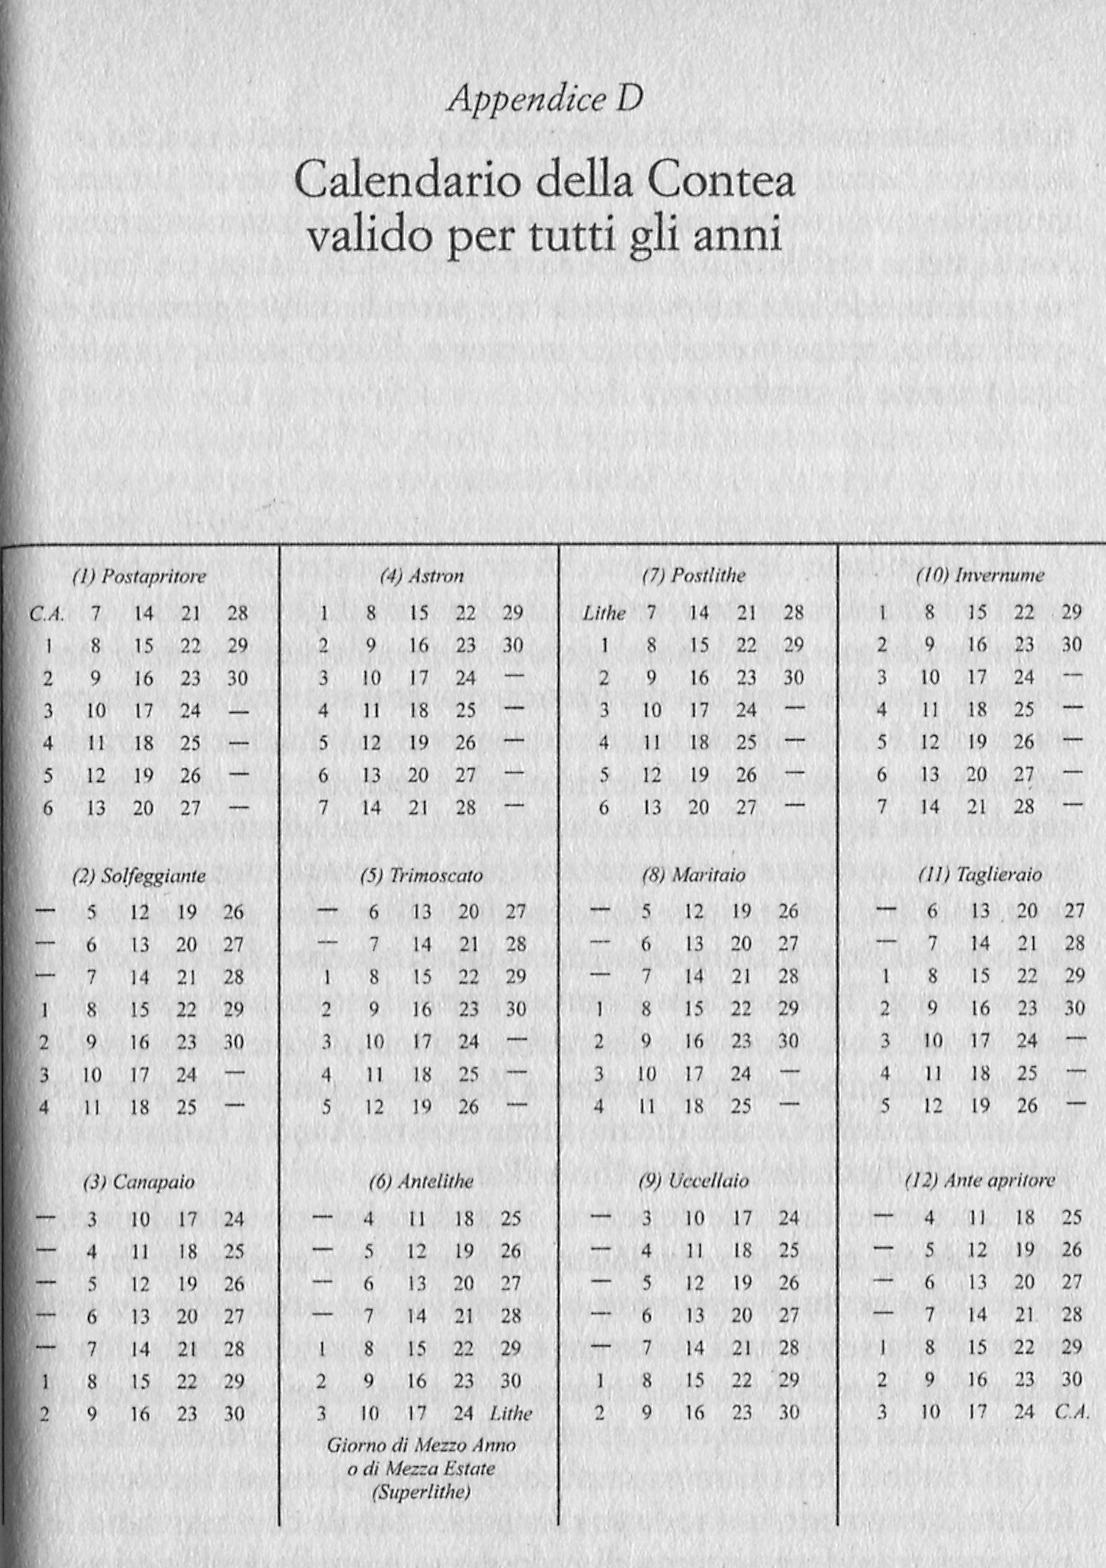 Calendario Gregoriano.Calendario Gregoriano E Hobbit Tutto Sul Mondo Di J R R Tolkien E Dintorni Tolkien Society Of Italy Tutto Sul Mondo Di J R R Tolkien E Dintorni Tolkien Society Of Italy